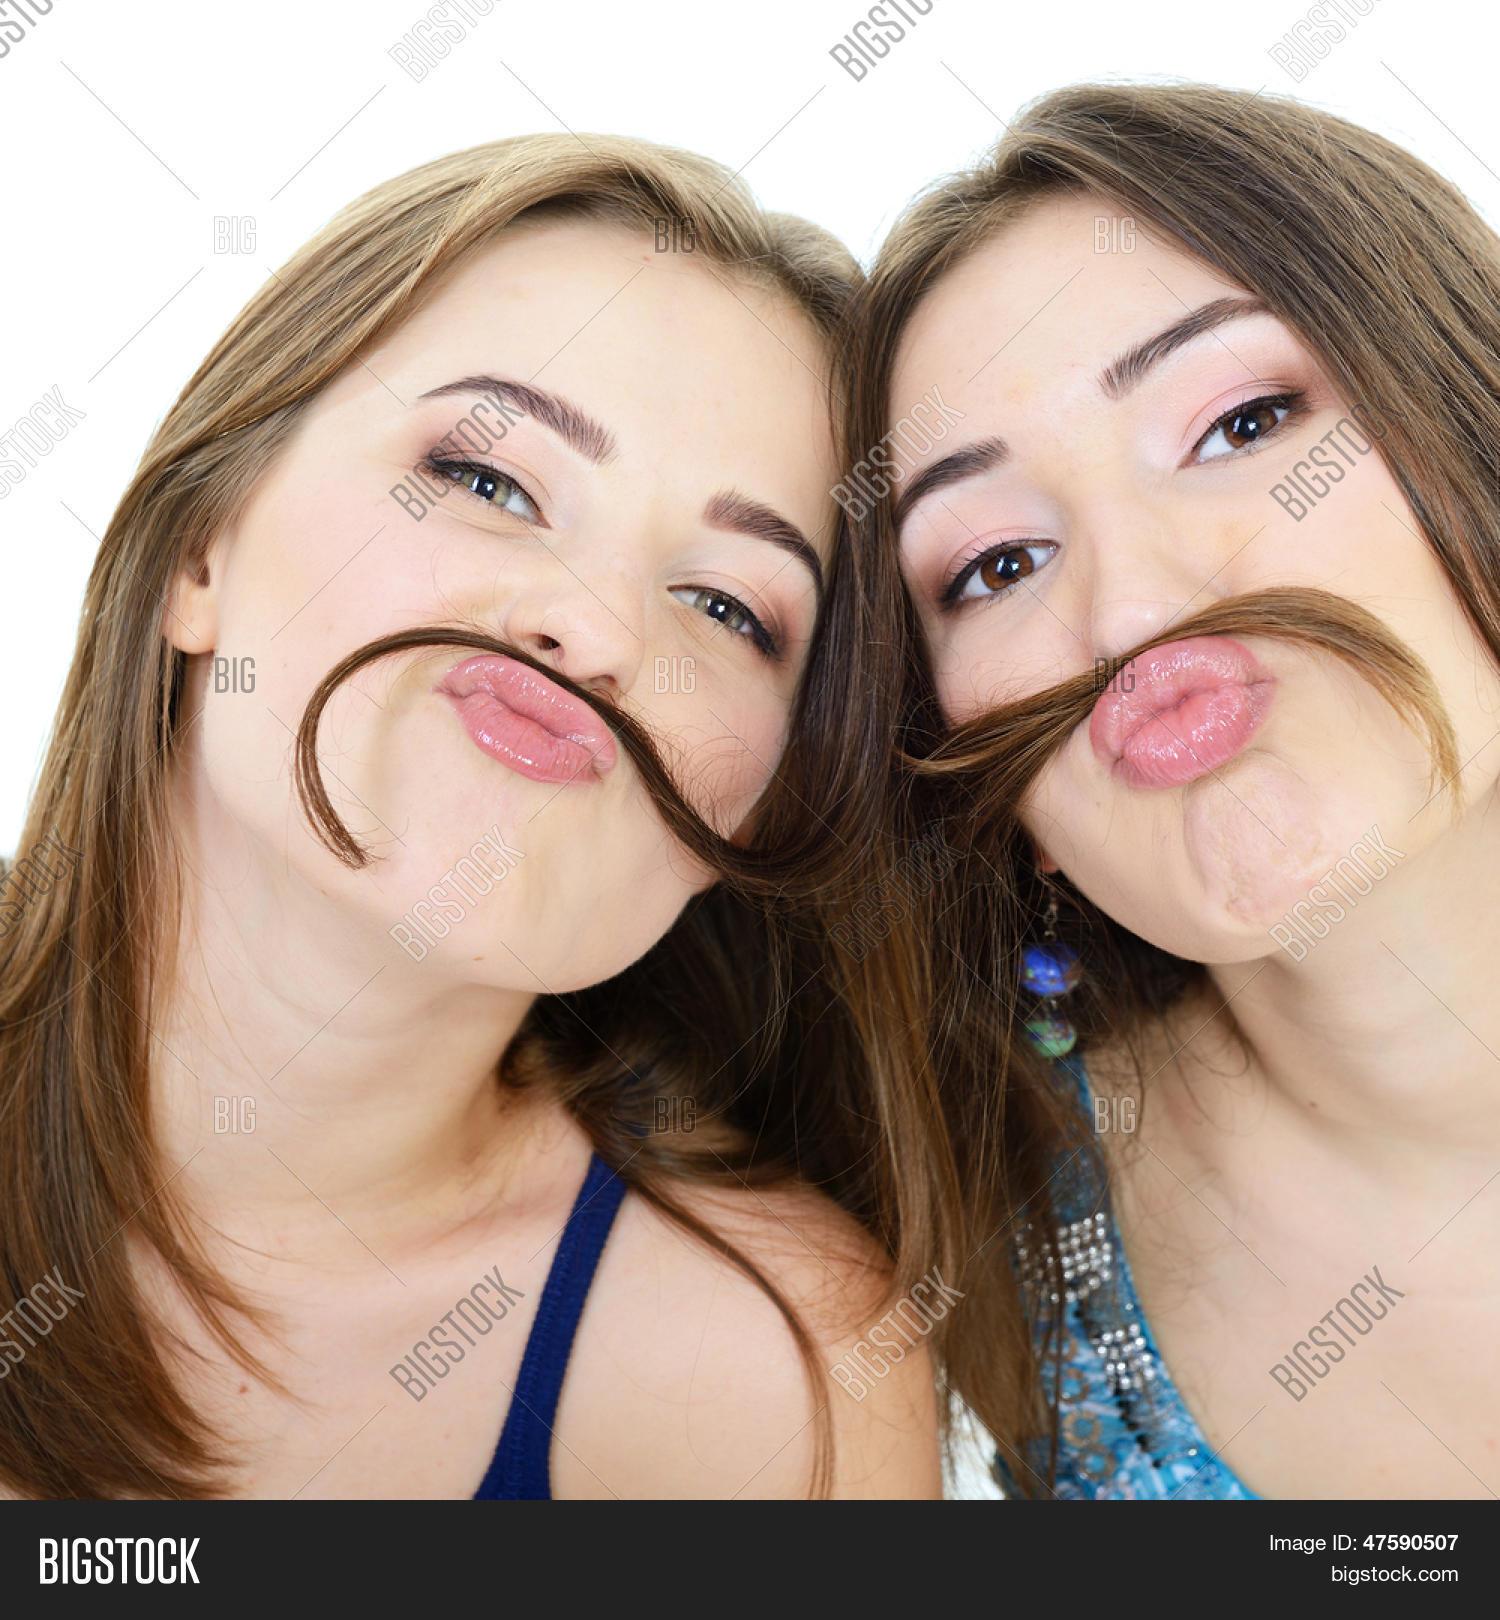 Teenage girls faces